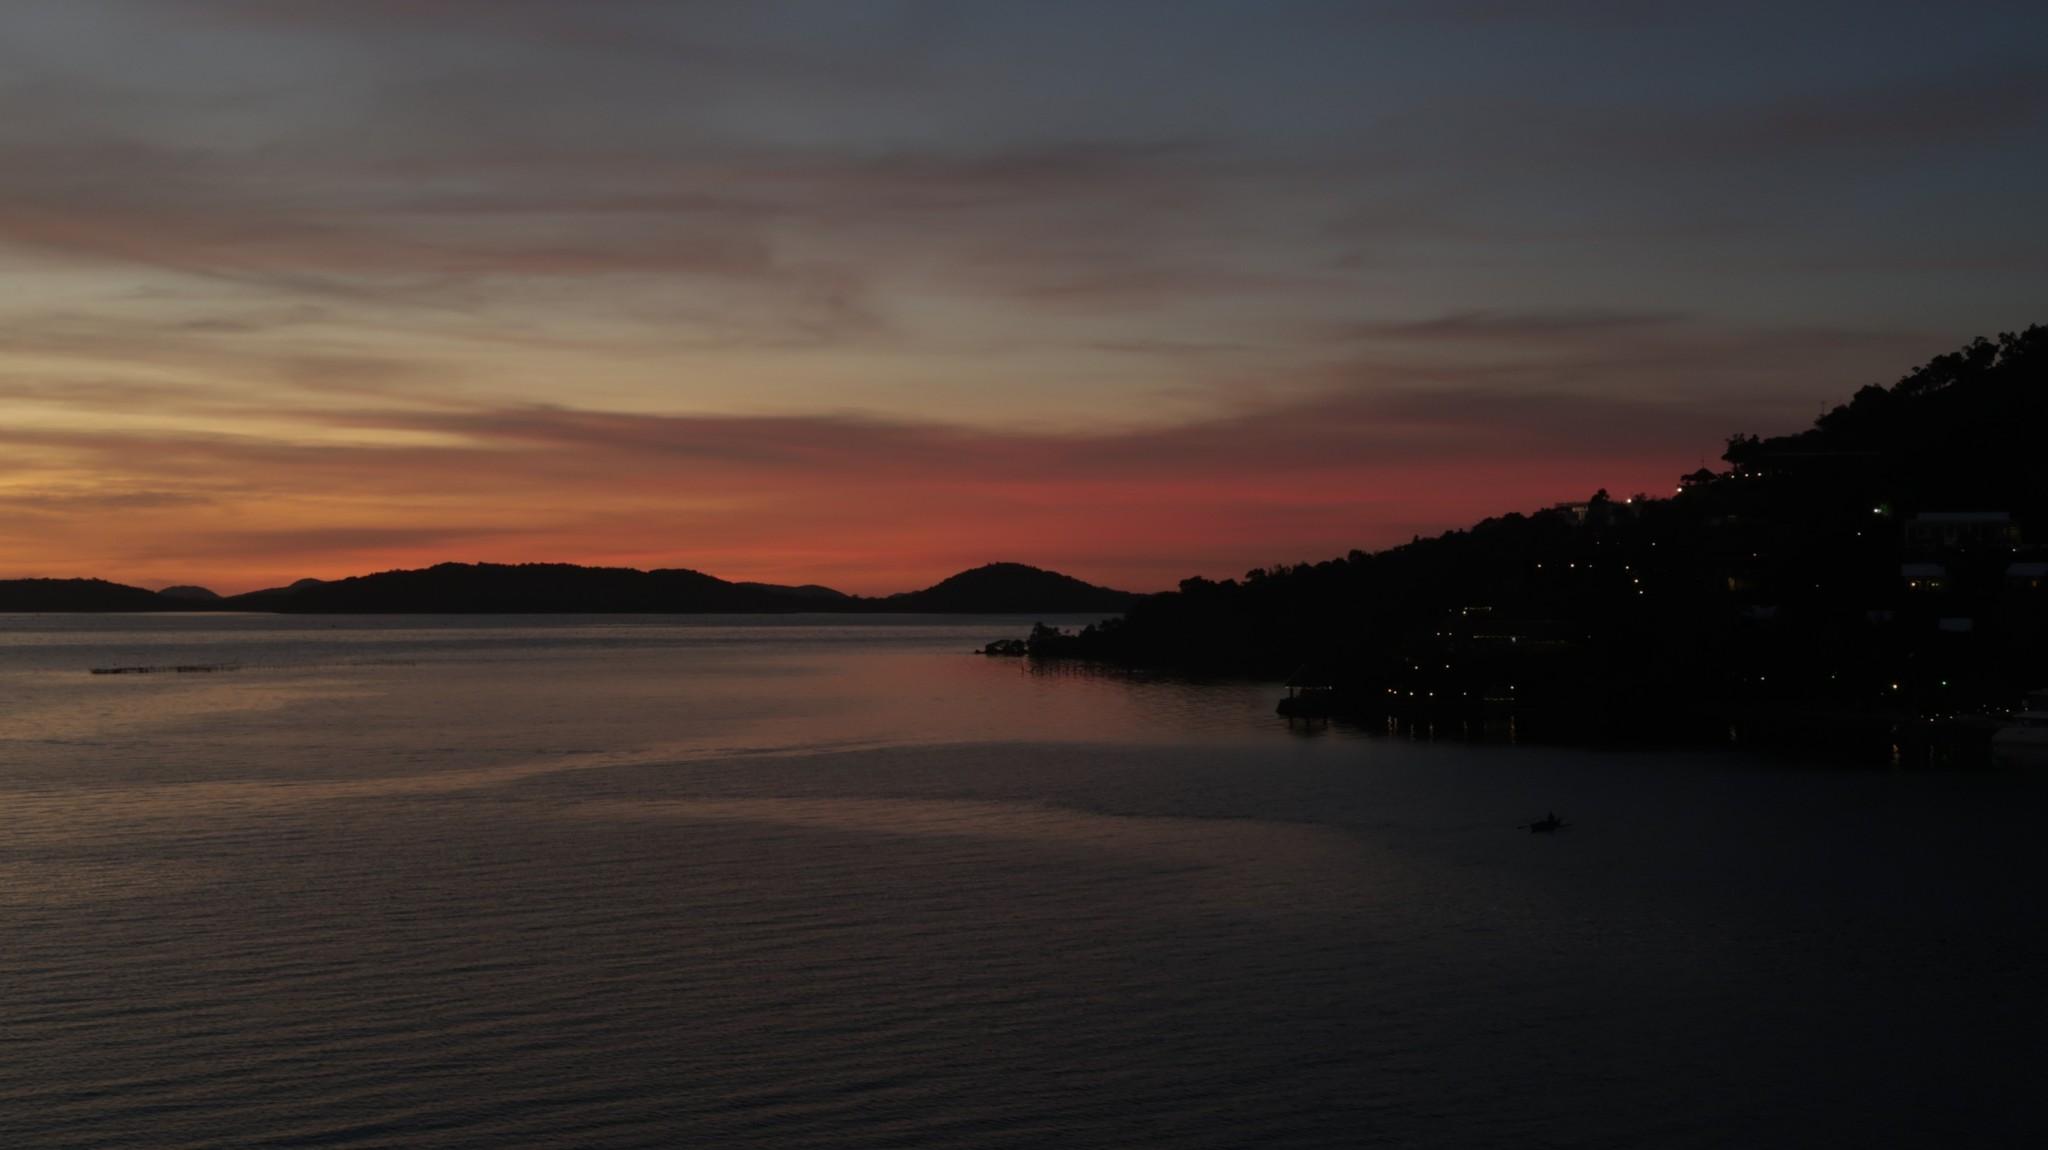 Busuanga am Abend - Sonnenuntergang auf den Philippinen